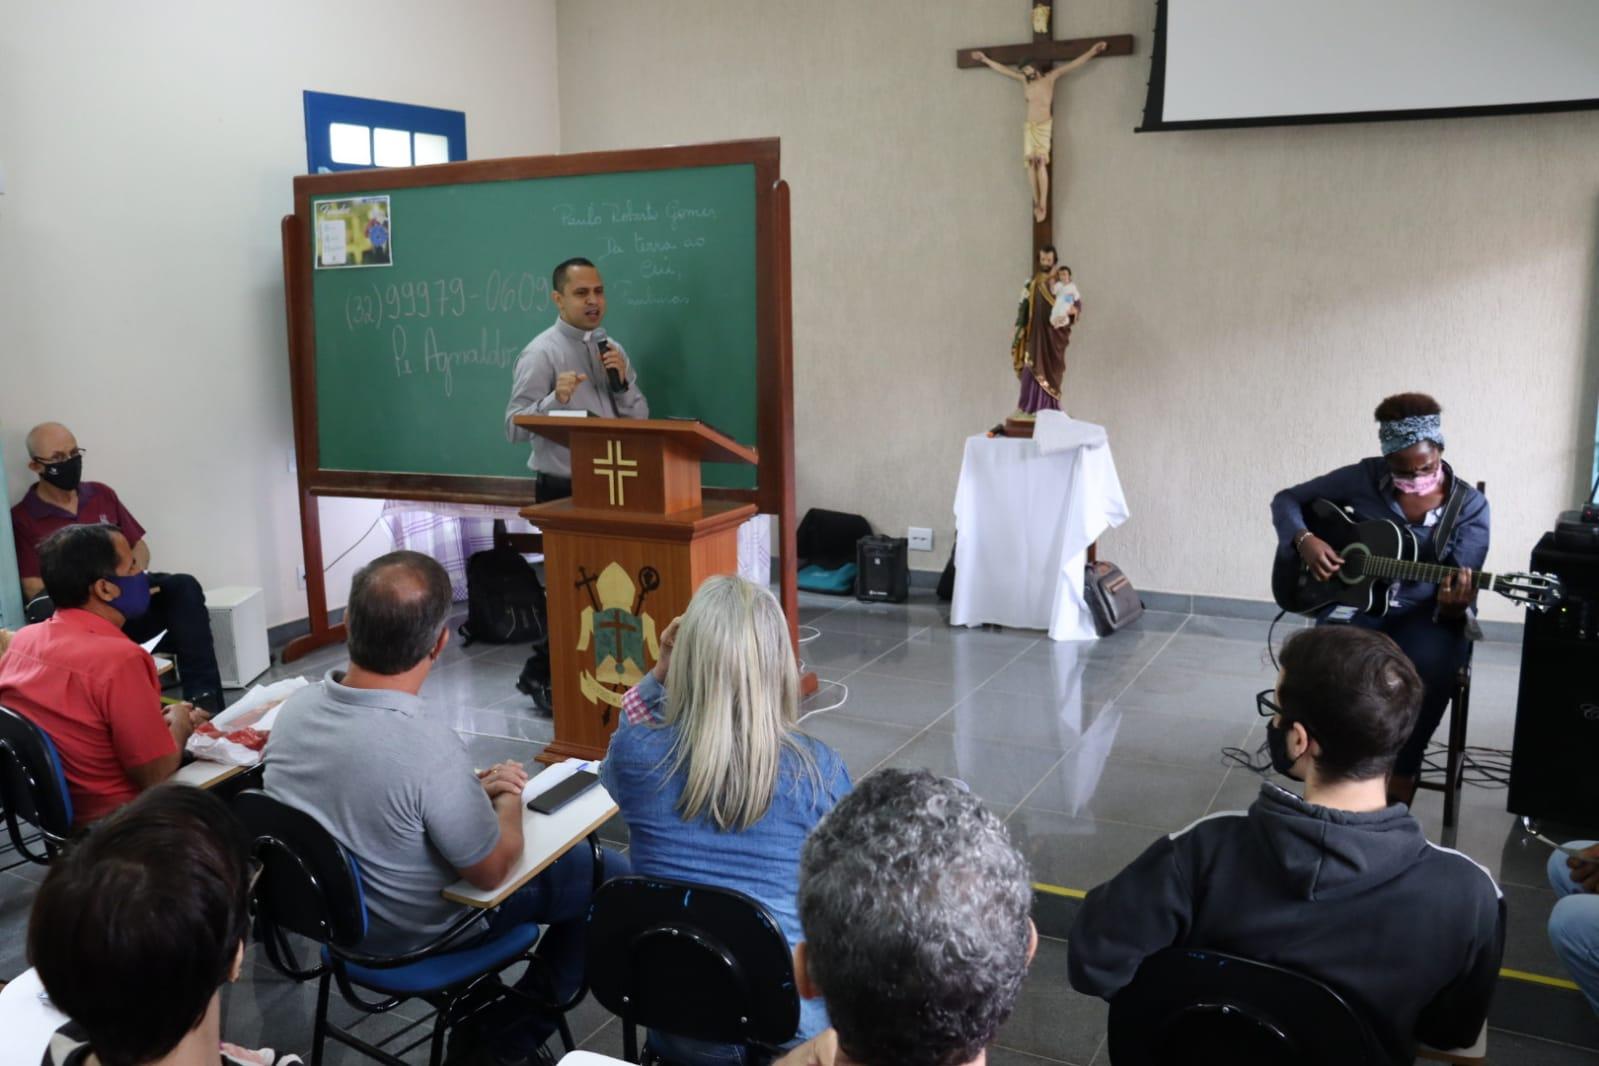 Momento de oração e espiritualidade com o padre Wanderson.